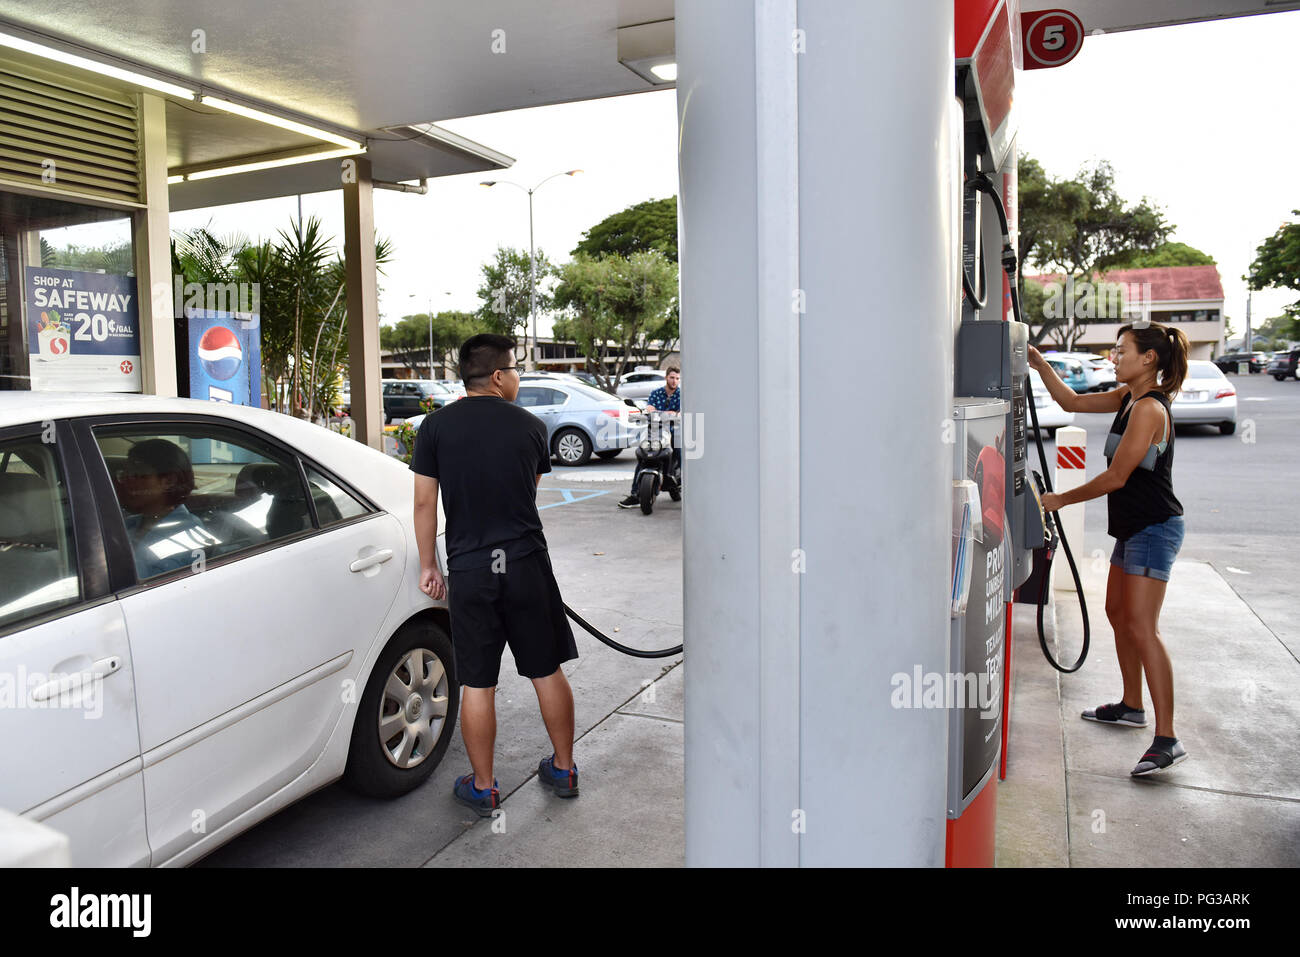 Honolulu, Hawaii  23rd Aug, 2018  People refuel their cars to